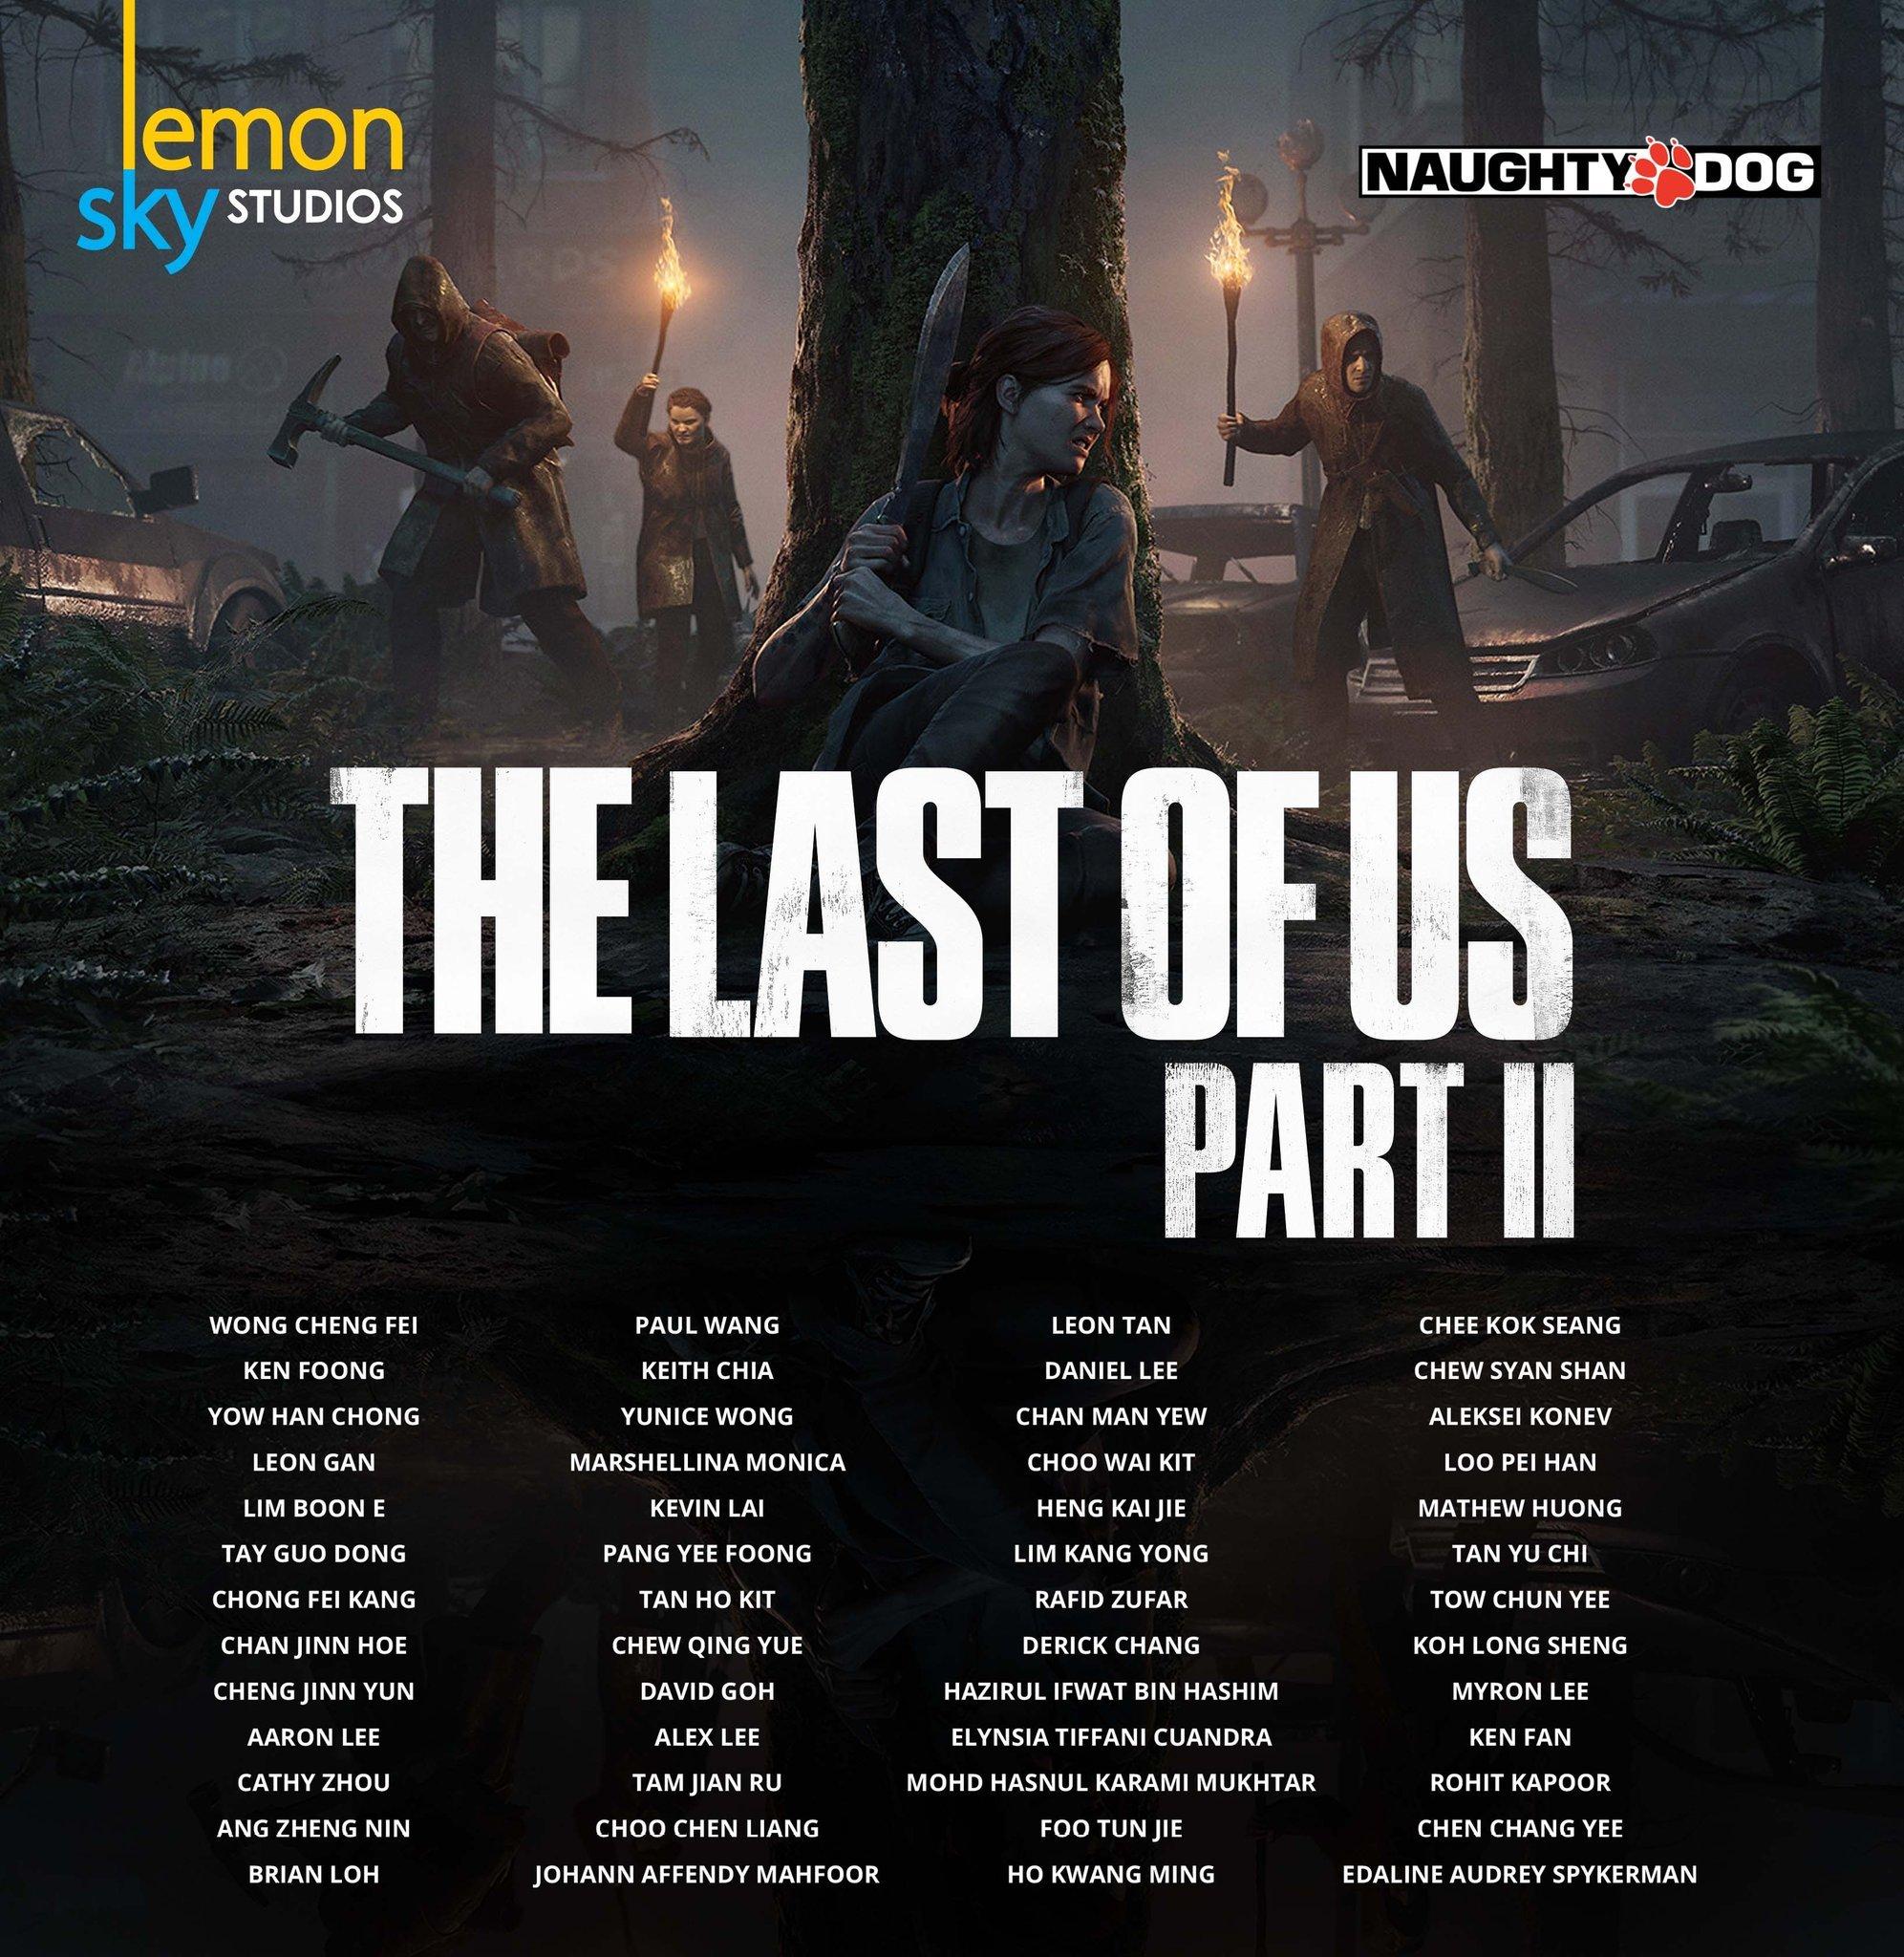 马来西亚工作室Lemon Sky参与开发了《最后的生还